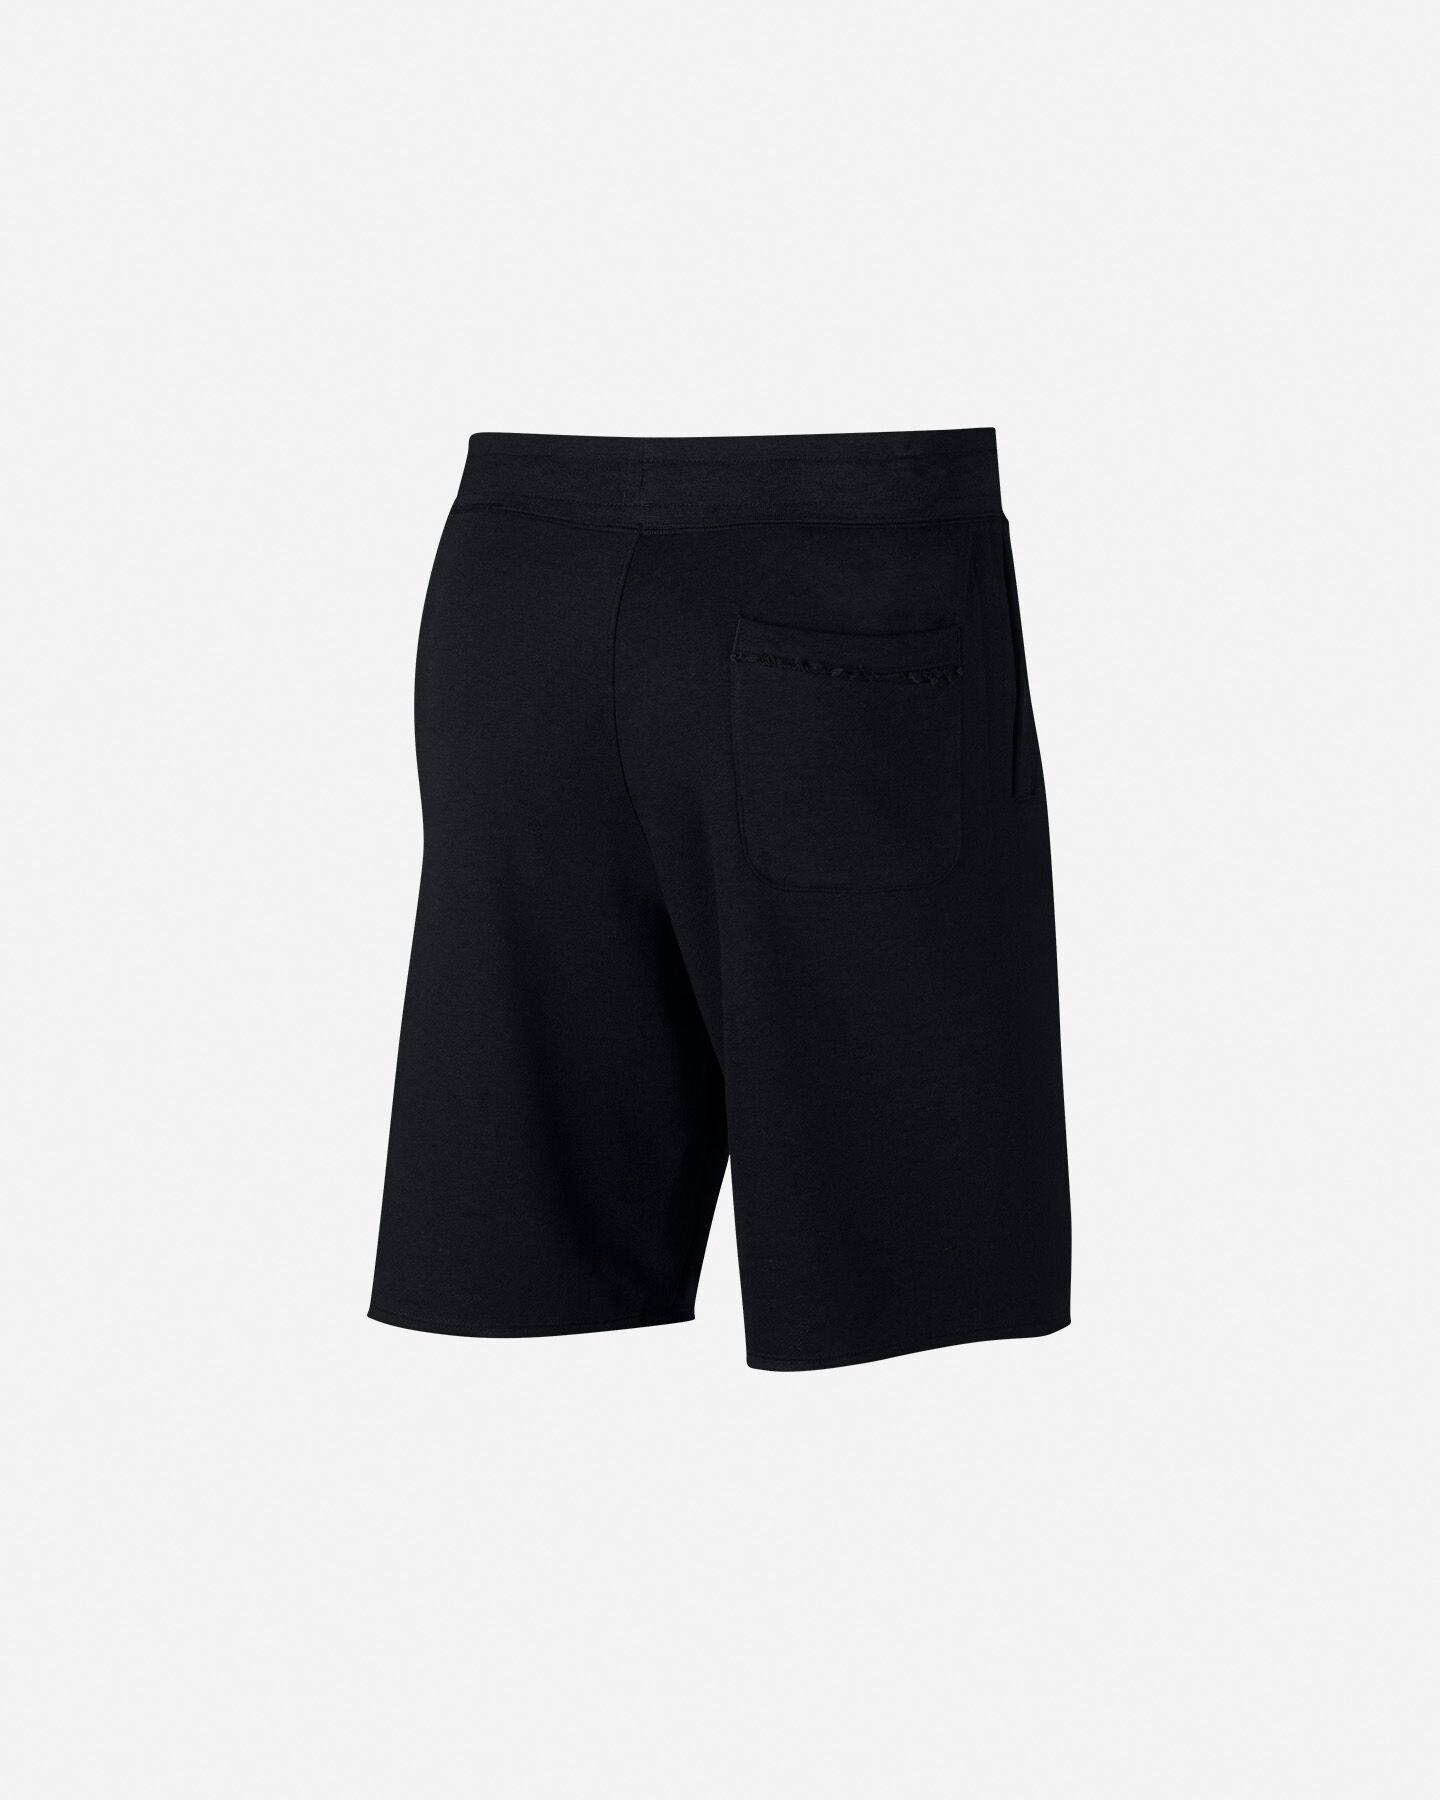 Pantaloncini NIKE ALUMNI M S2015515 scatto 5